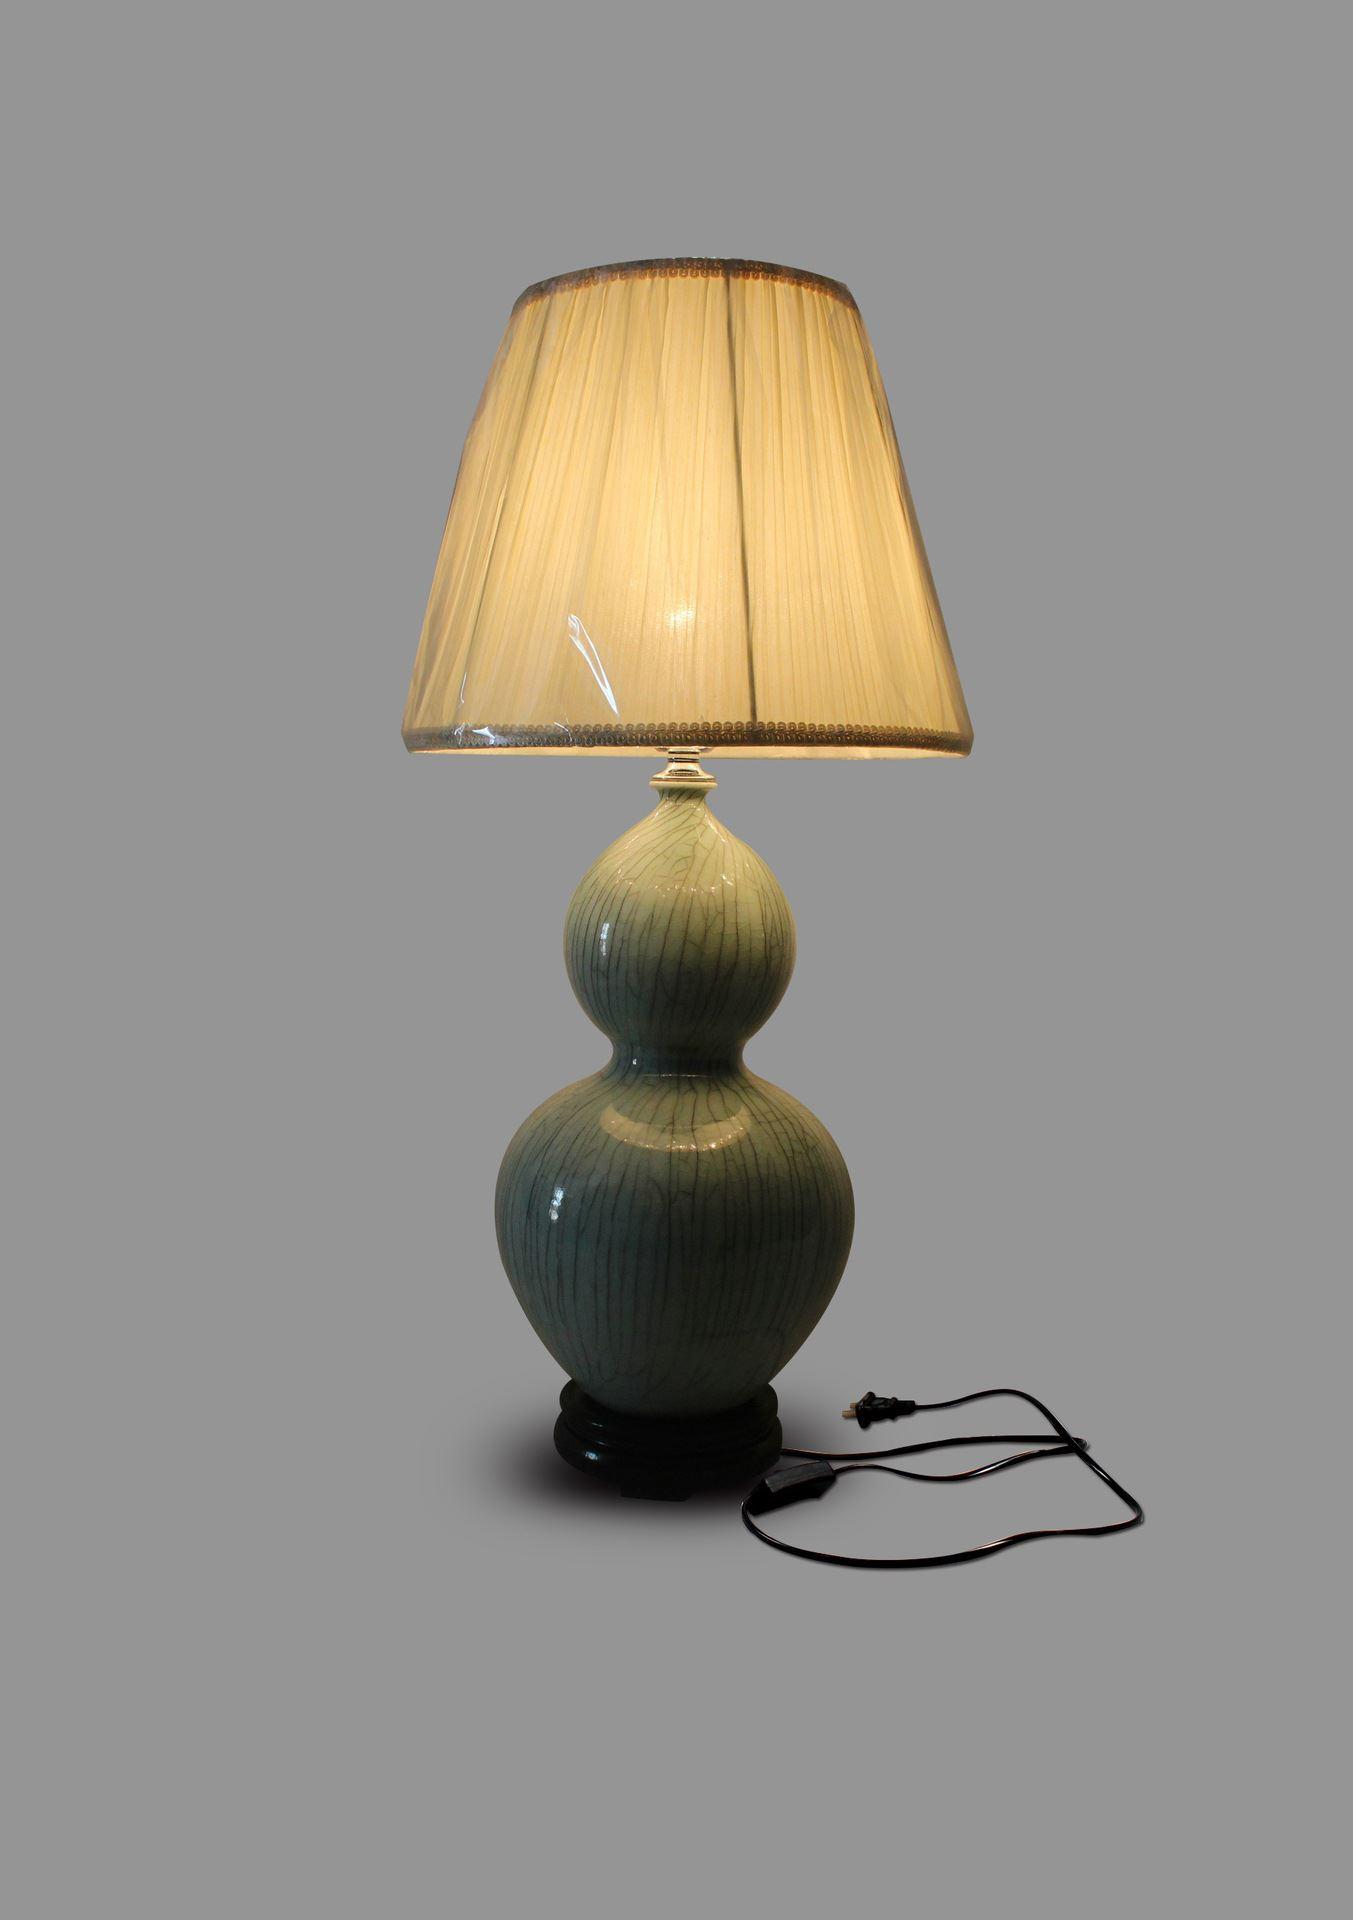 DSIF02景德镇 陶瓷 开片葫芦绿罩灯 台灯 灯具 灯饰 家居摆设